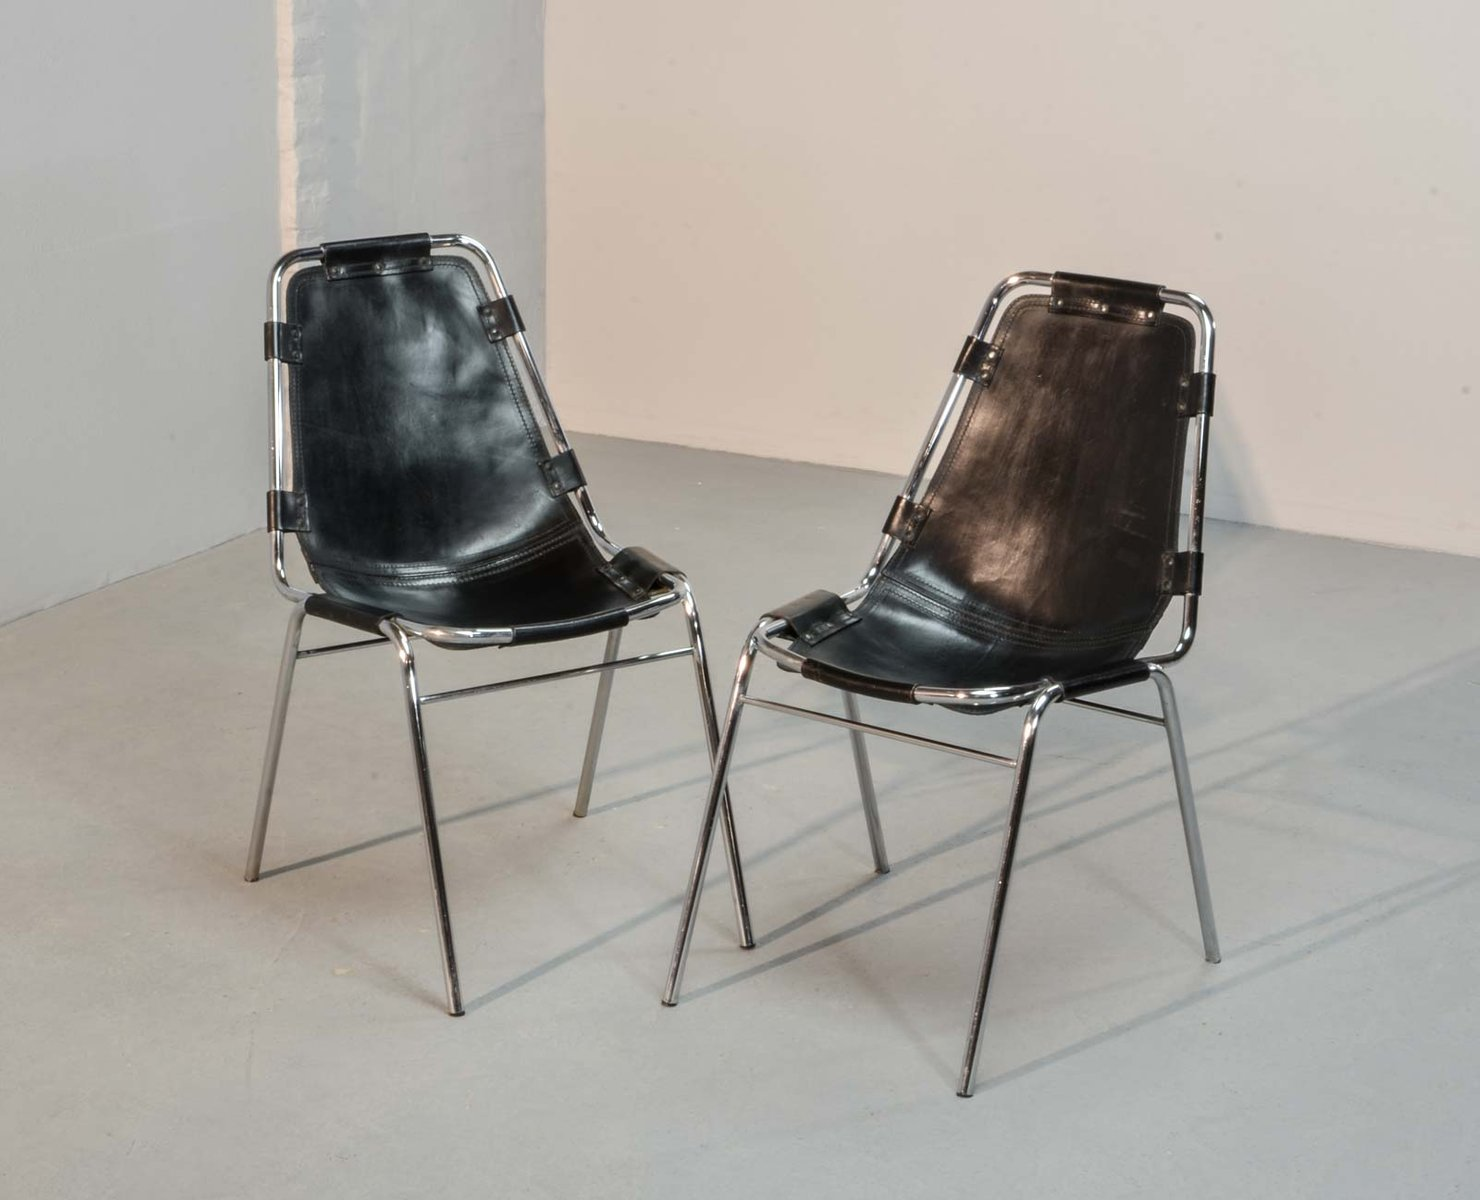 chaises les arcs par charlotte perriand pour cassina 1968 set de 2 en vente sur pamono. Black Bedroom Furniture Sets. Home Design Ideas